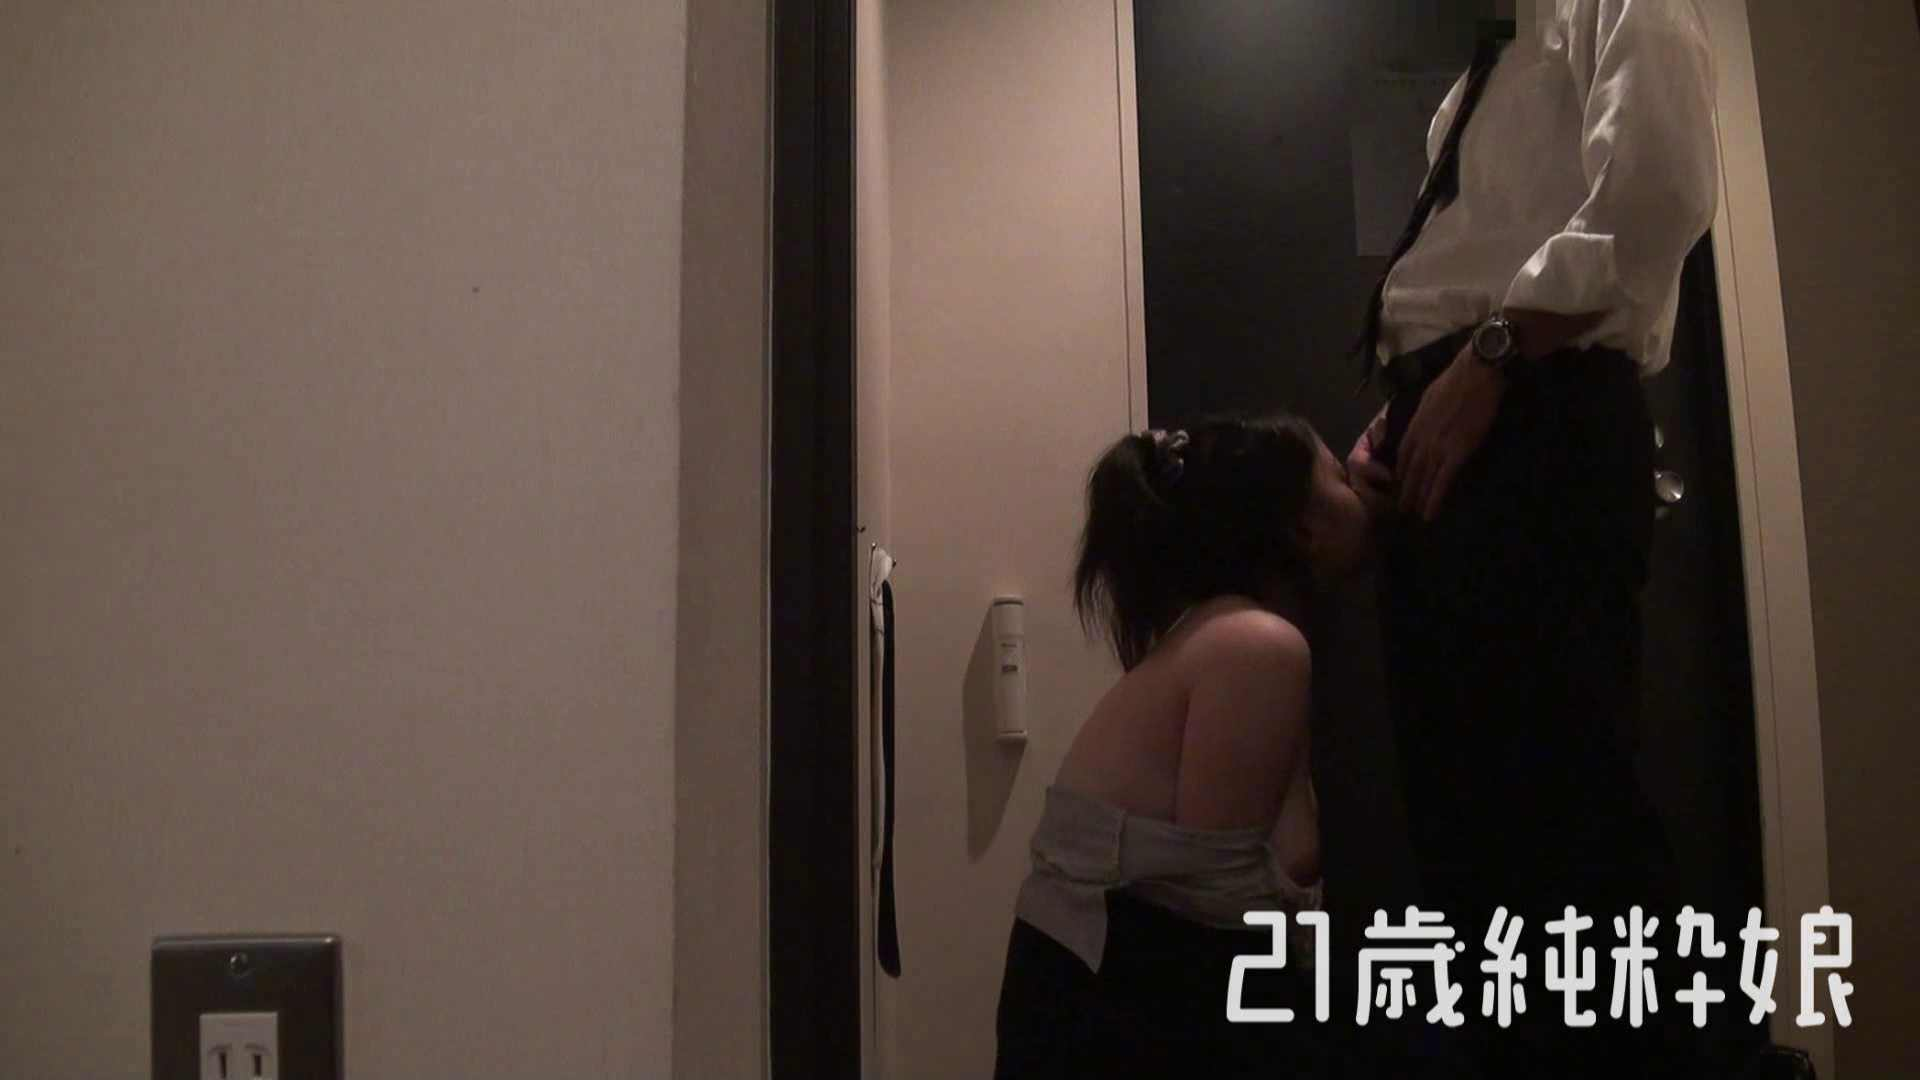 上京したばかりのGカップ21歳純粋嬢を都合の良い女にしてみた 出会い系 AV動画キャプチャ 86pic 50